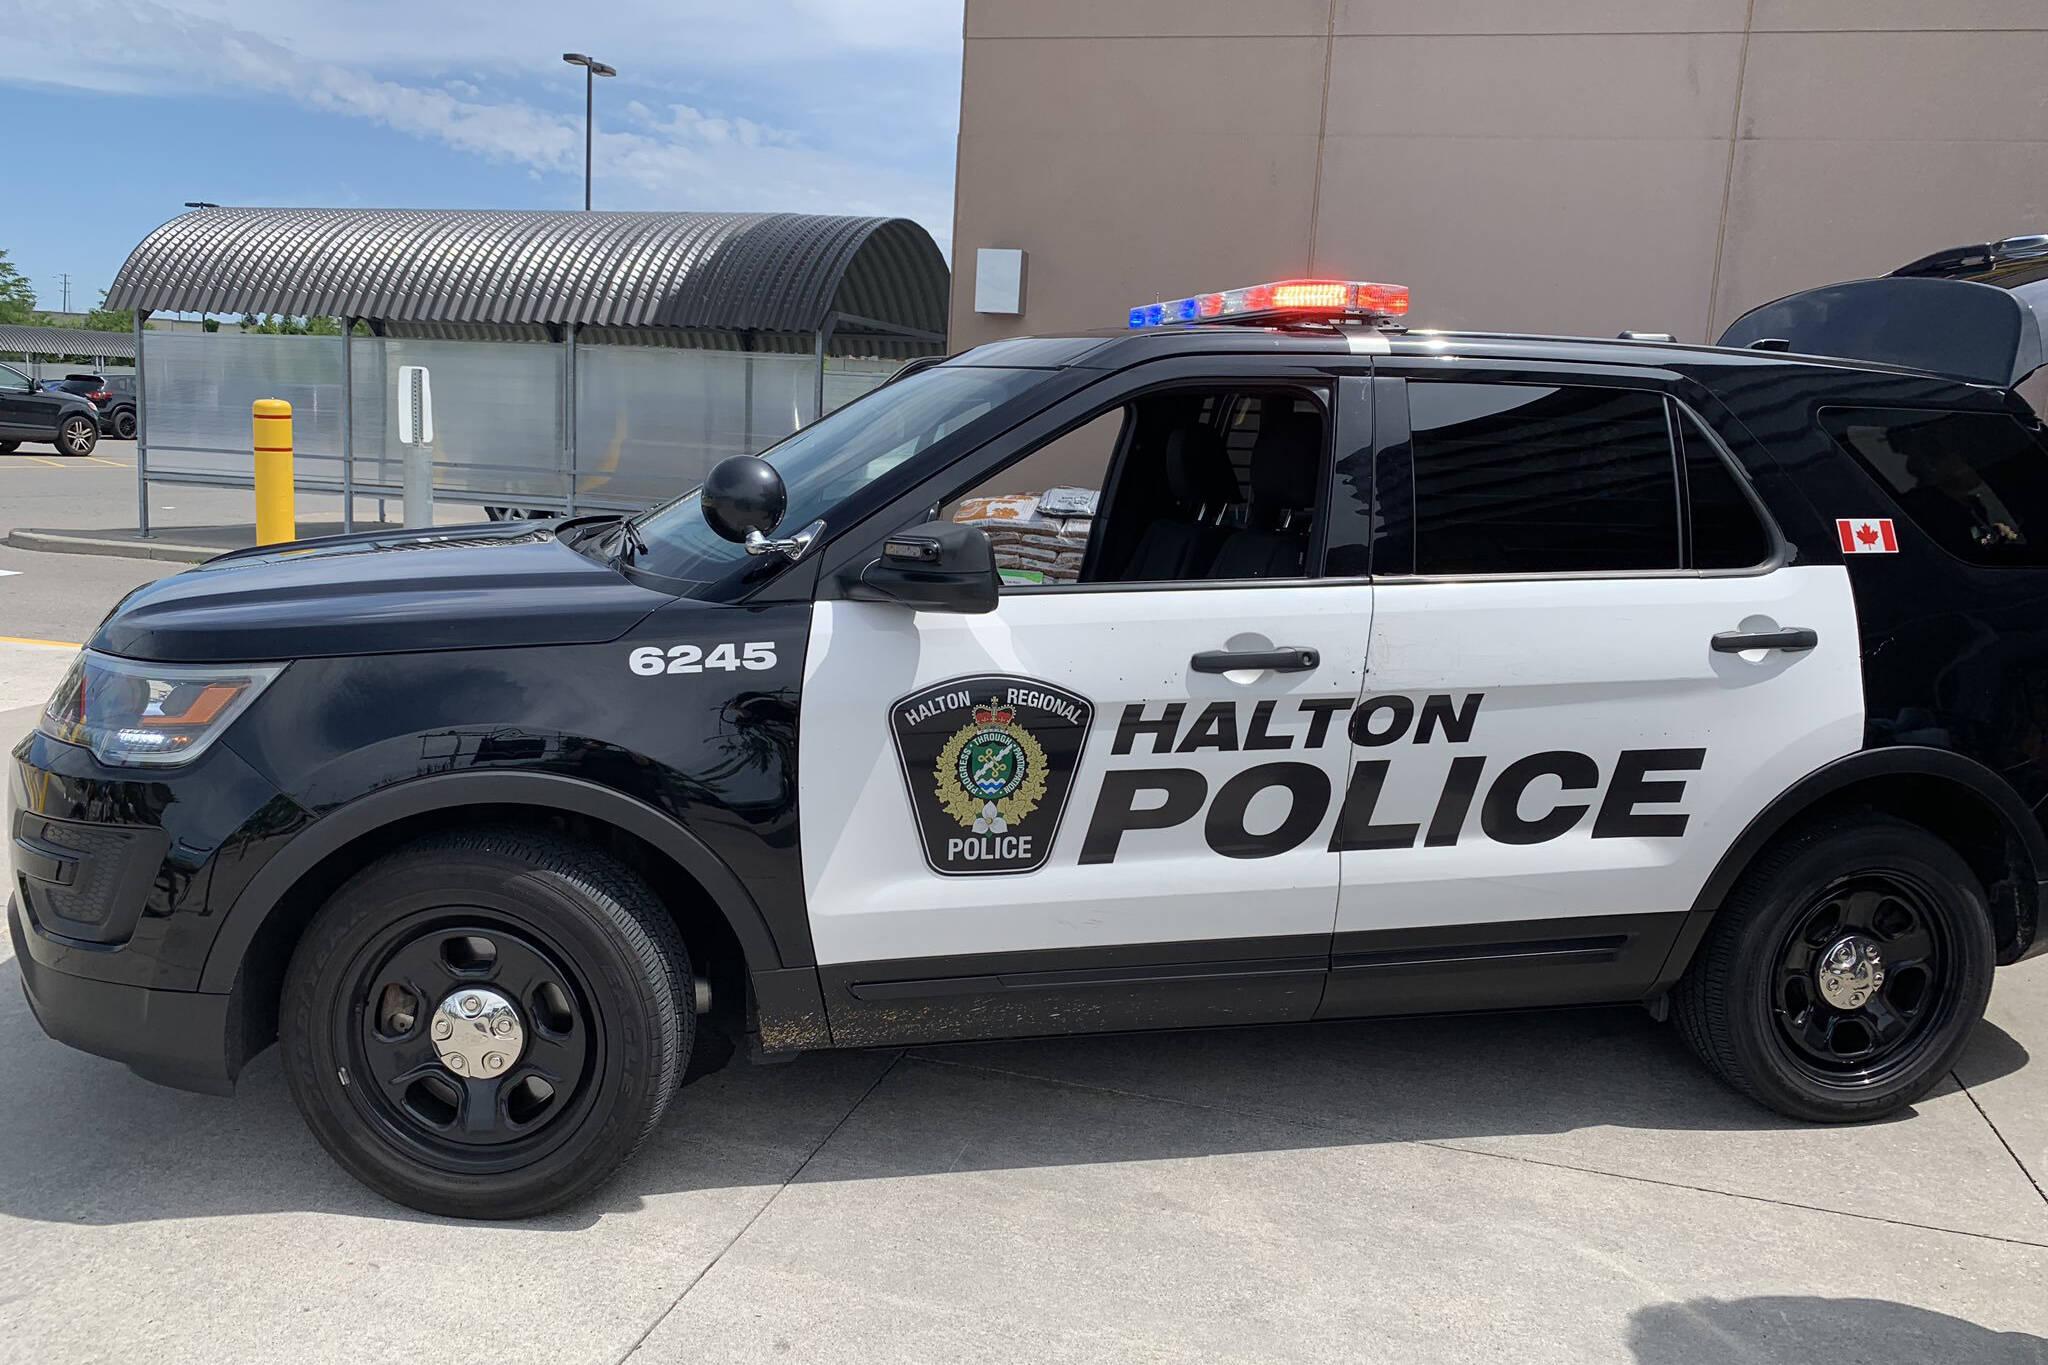 halton police cameras